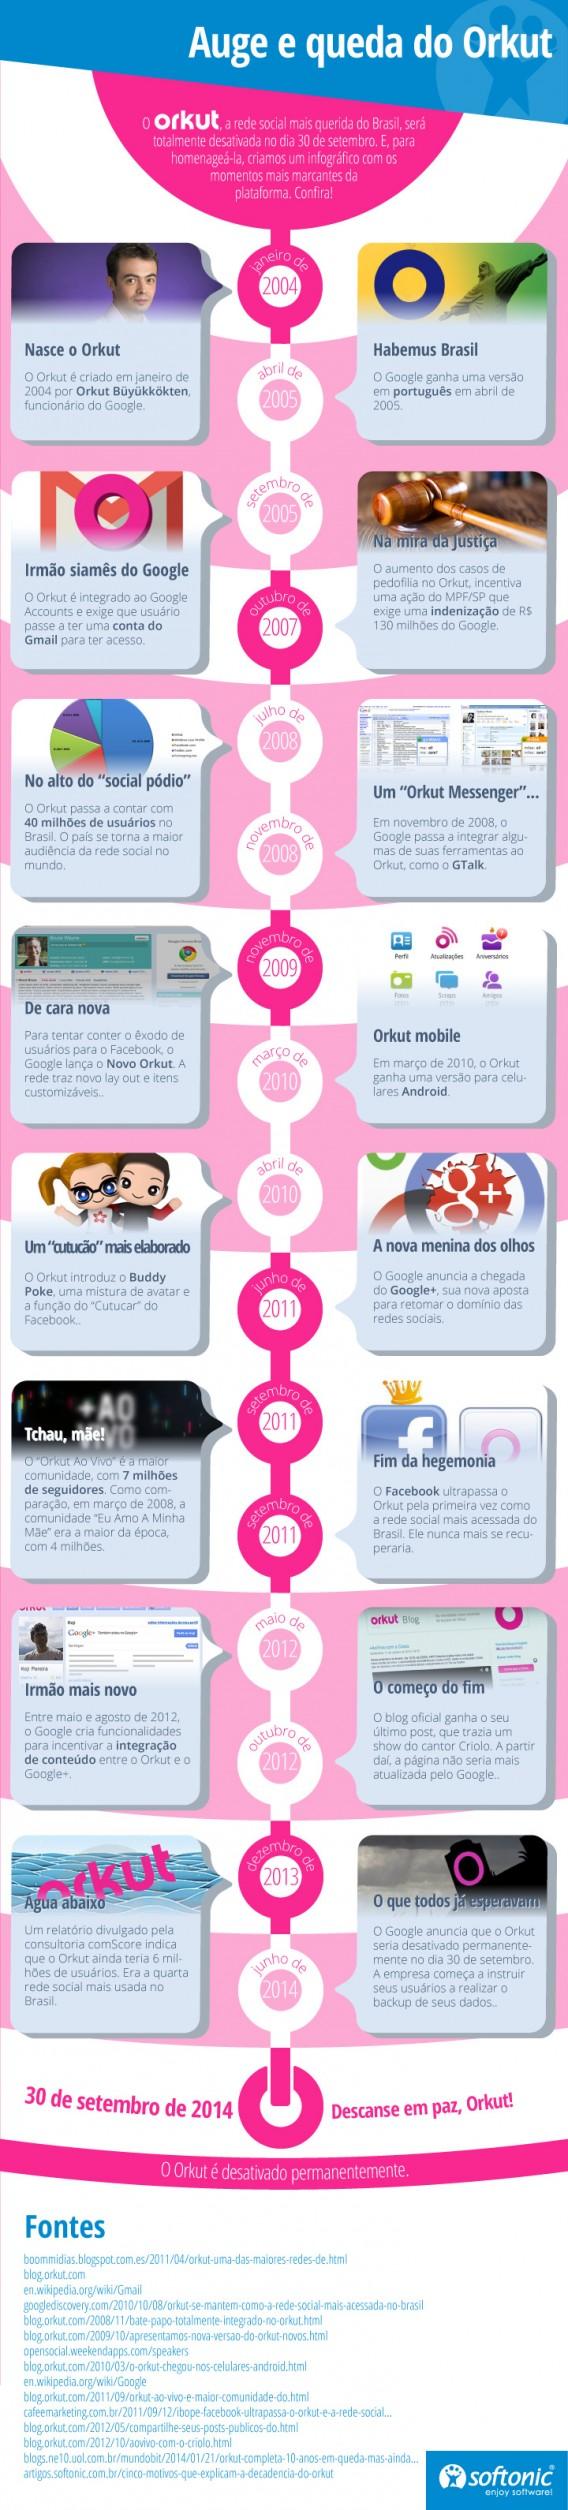 Infográfico auge e queda do orkut